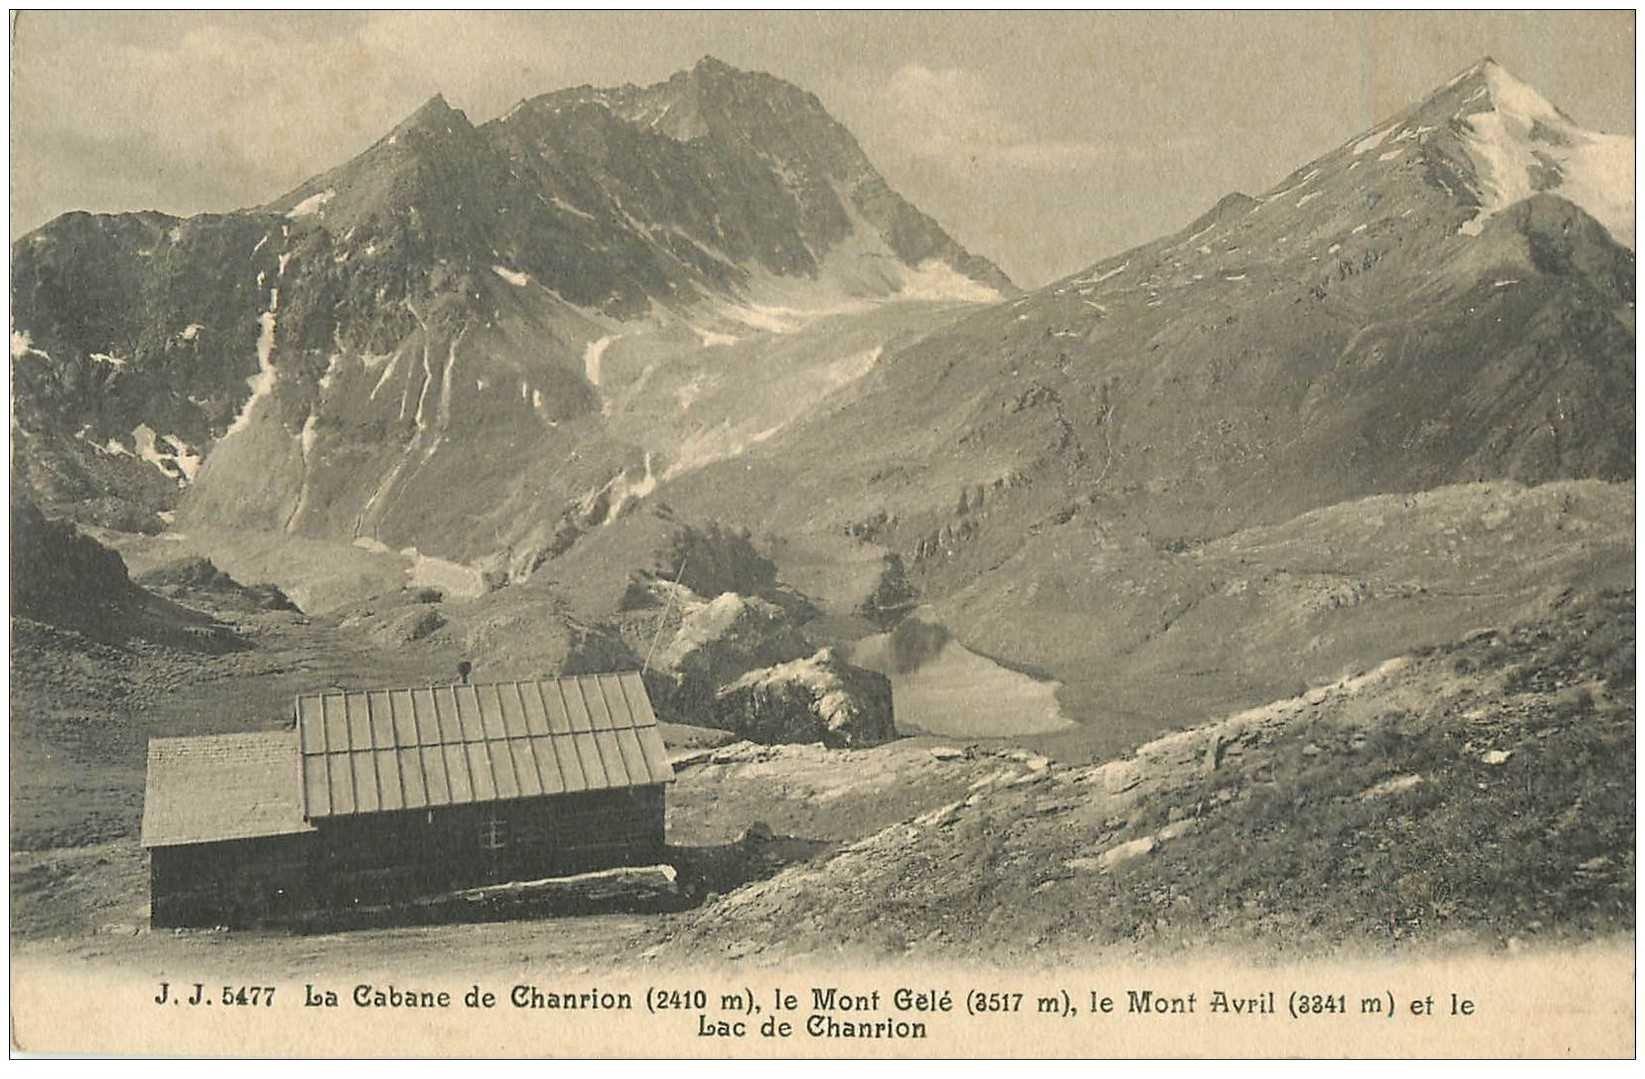 SUISSE. La Cabane et Lac de Chanrion Monts Gelé et Avril